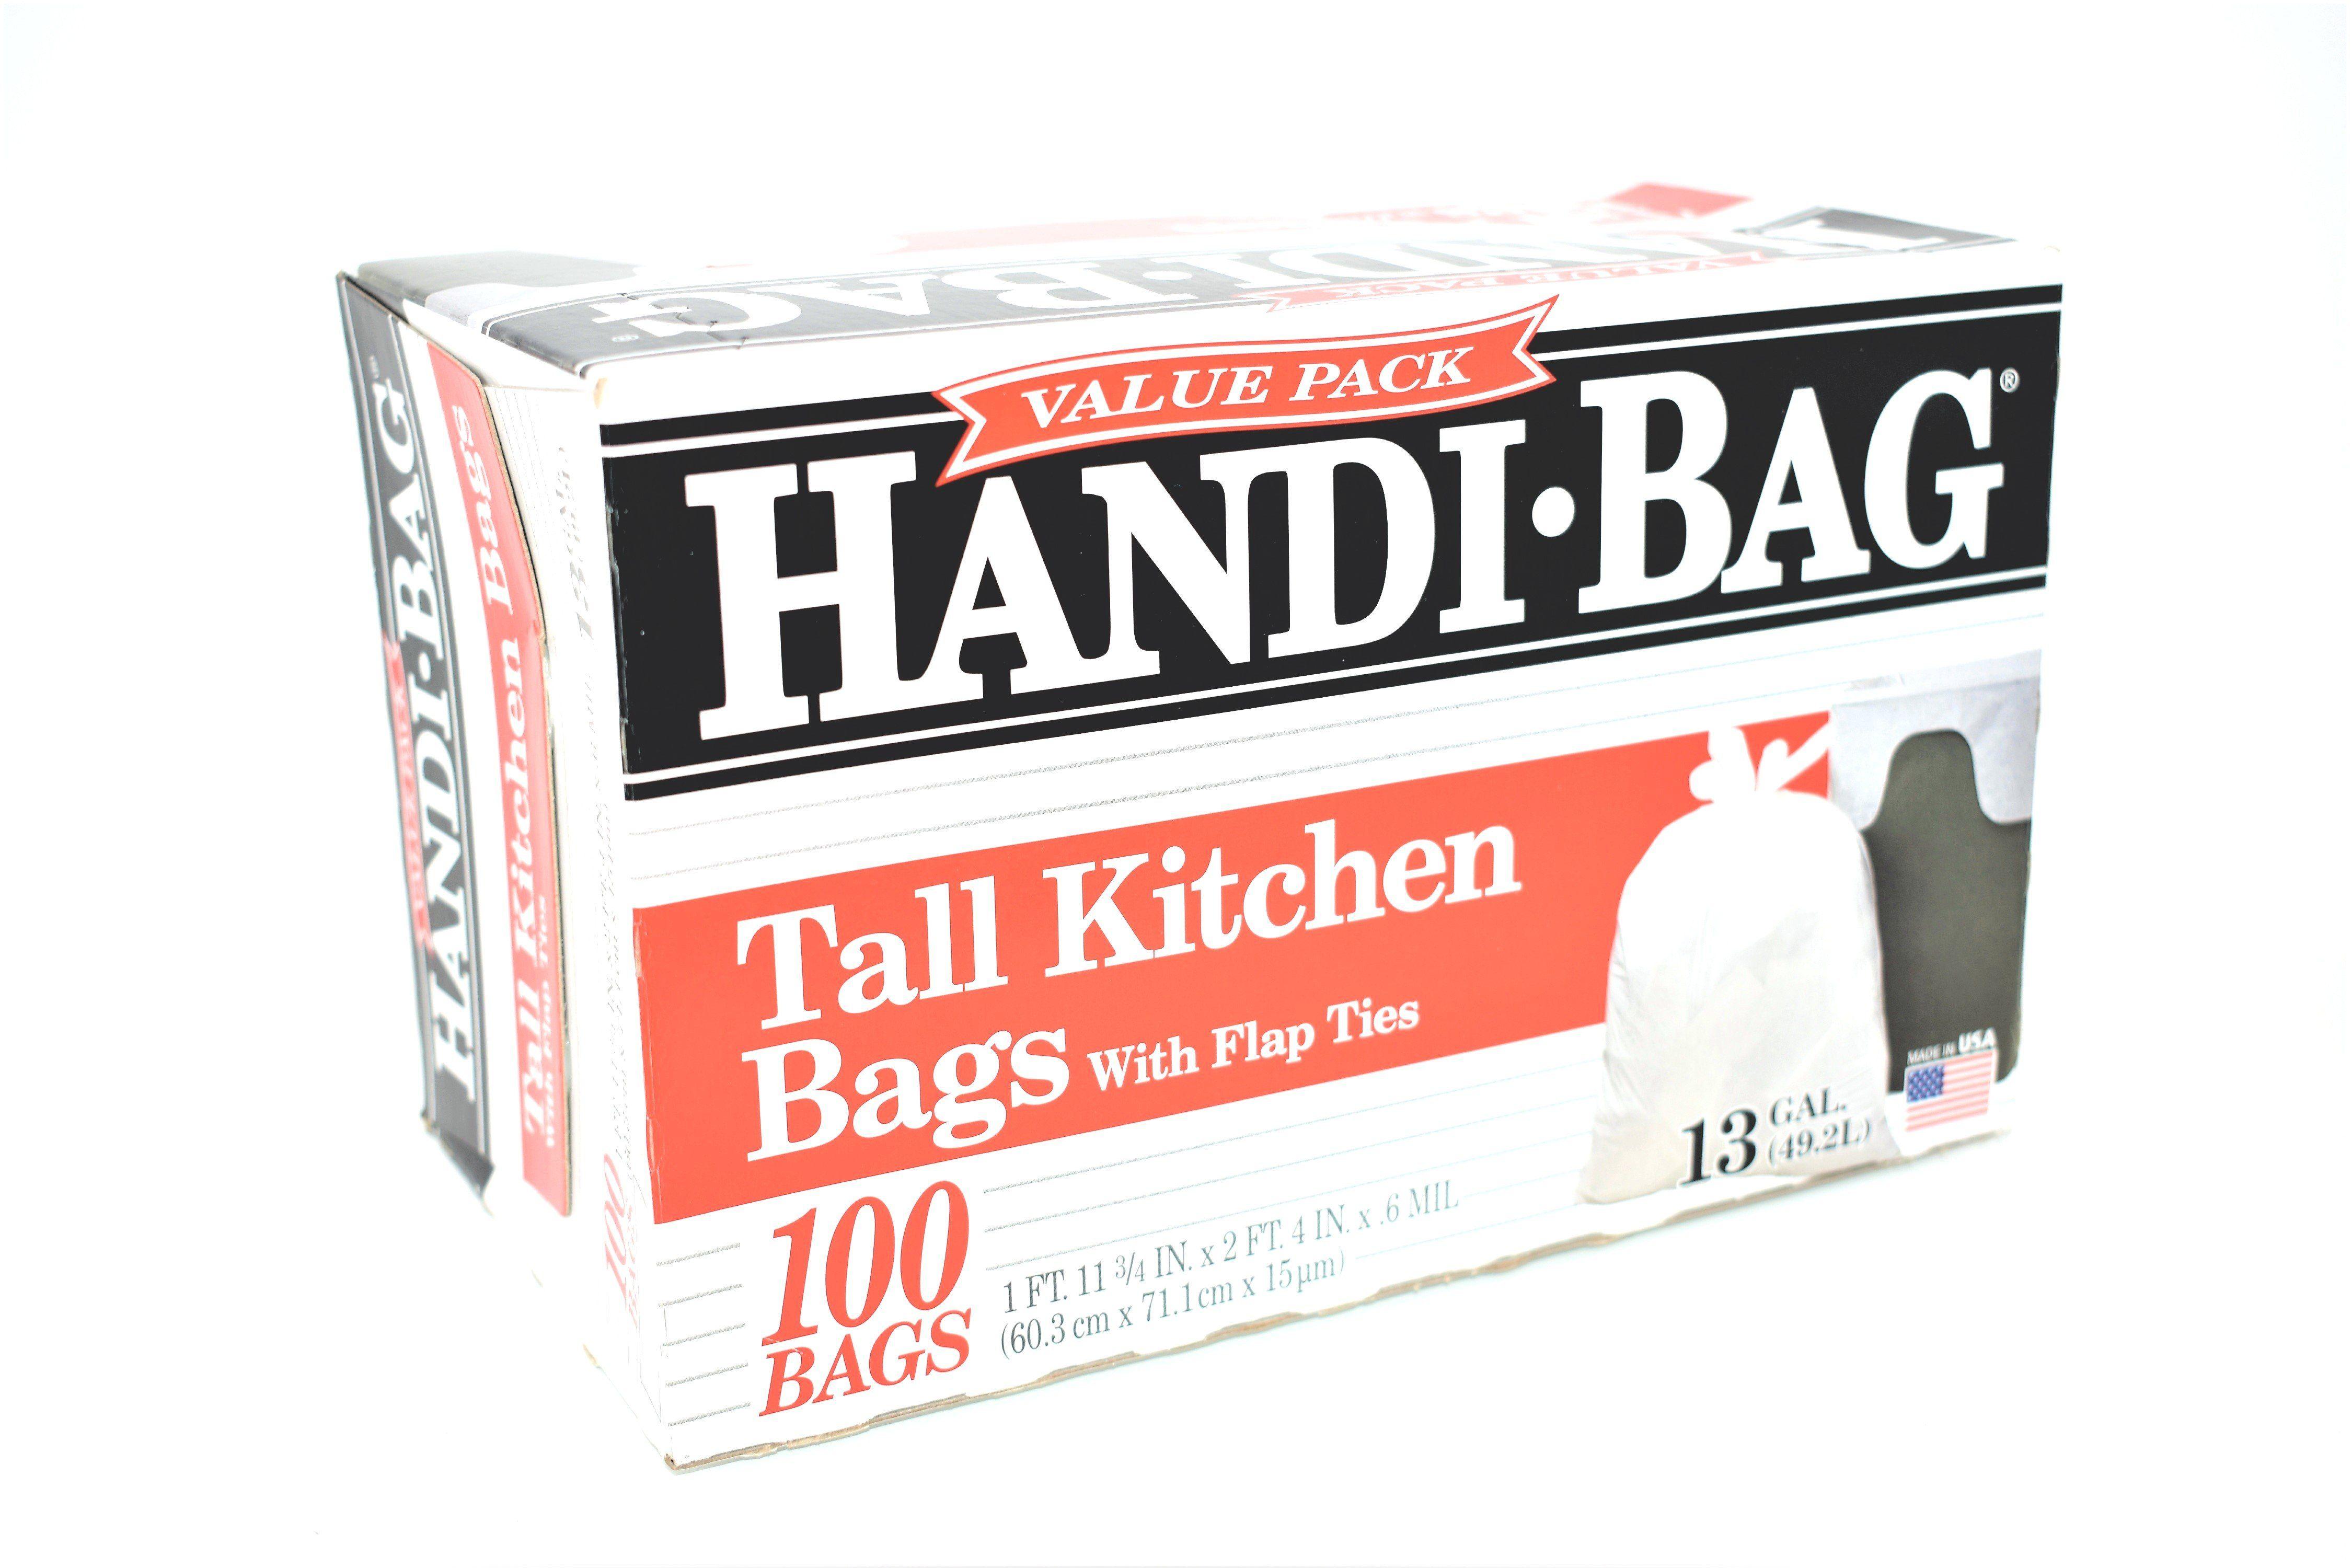 Handi-Bag 13 Gallon Tall Kitchen Bags w/ Flap Ties. 100 ct ...